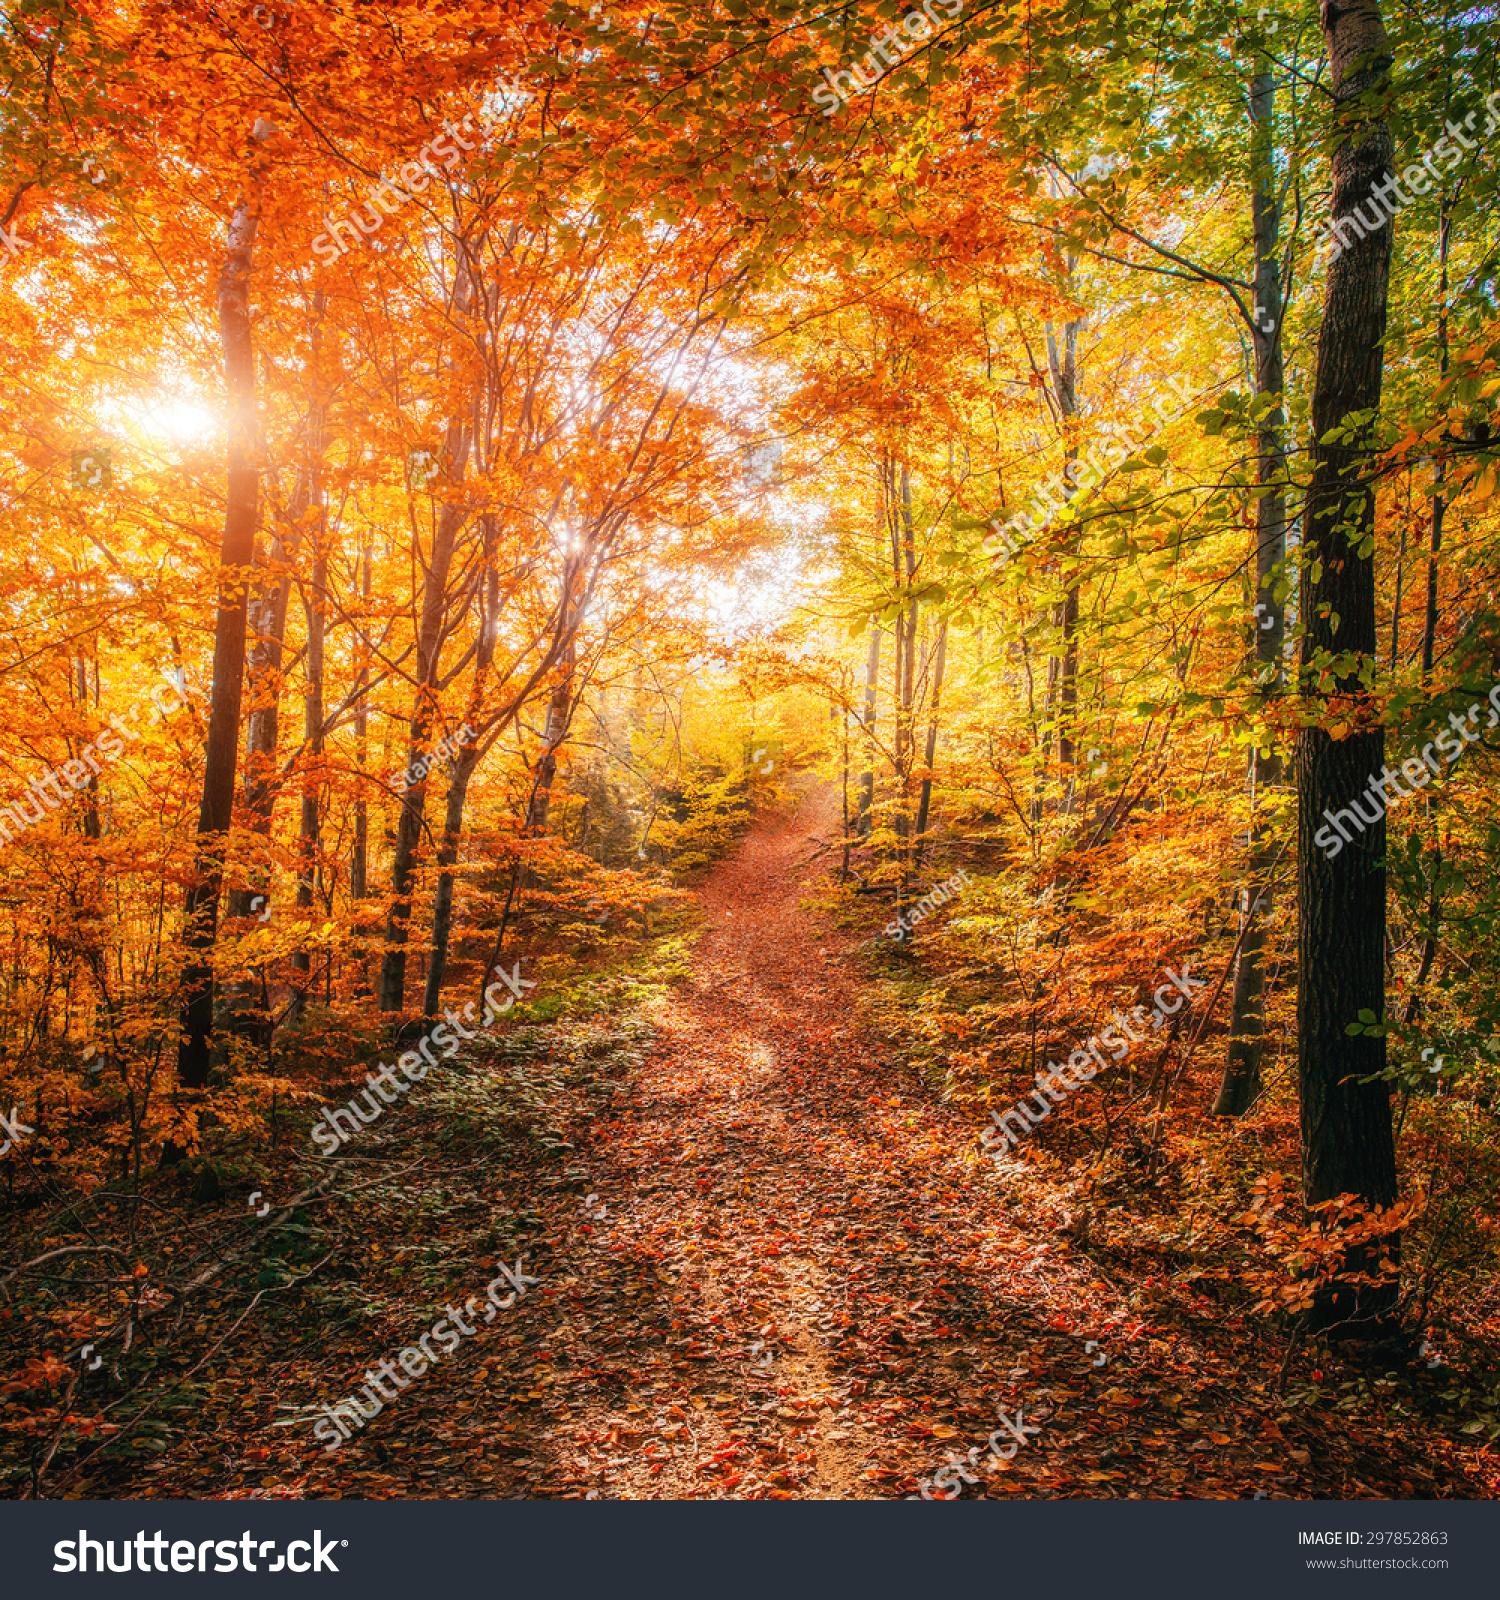 秋天的森林之路.秋季景观.-自然-海洛创意(hellorf)-.图片